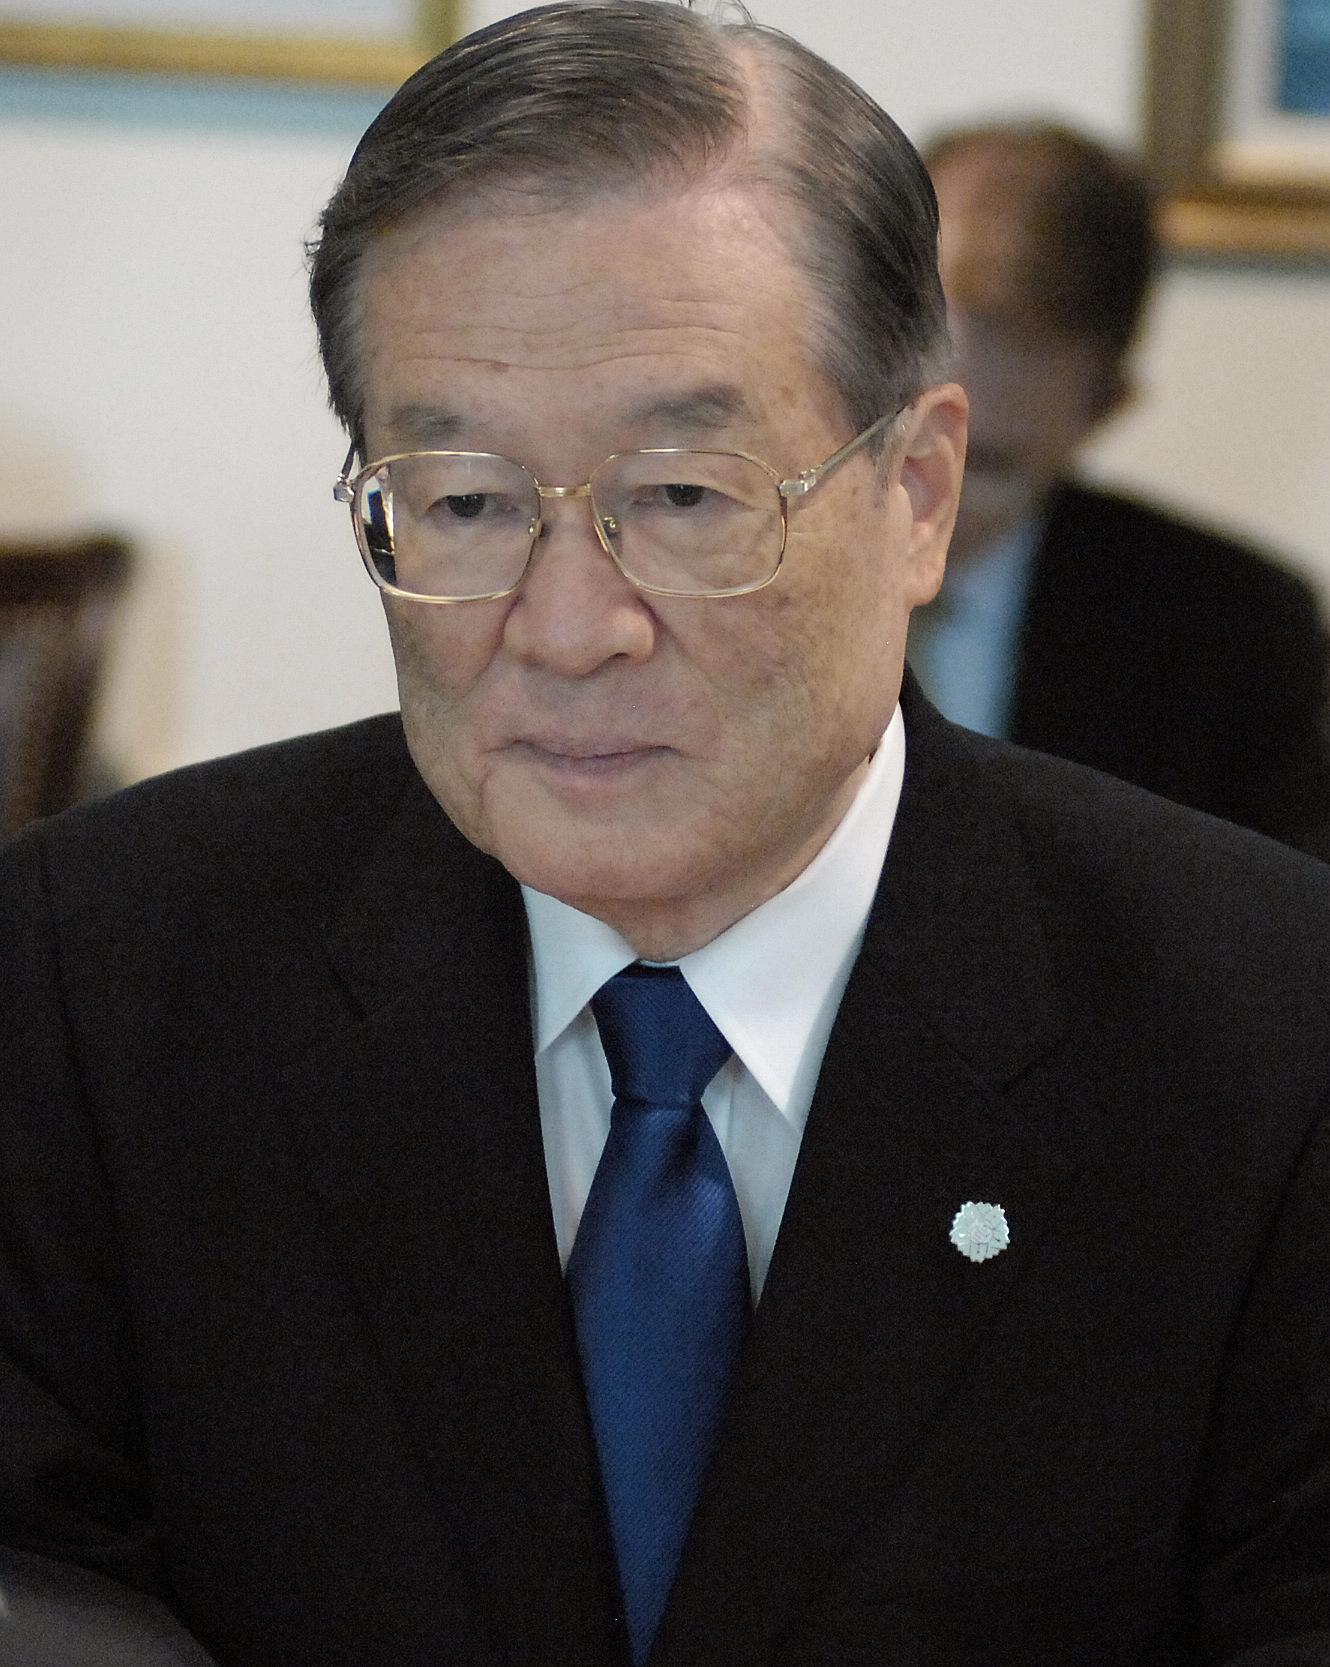 森本敏 - Wikipedia